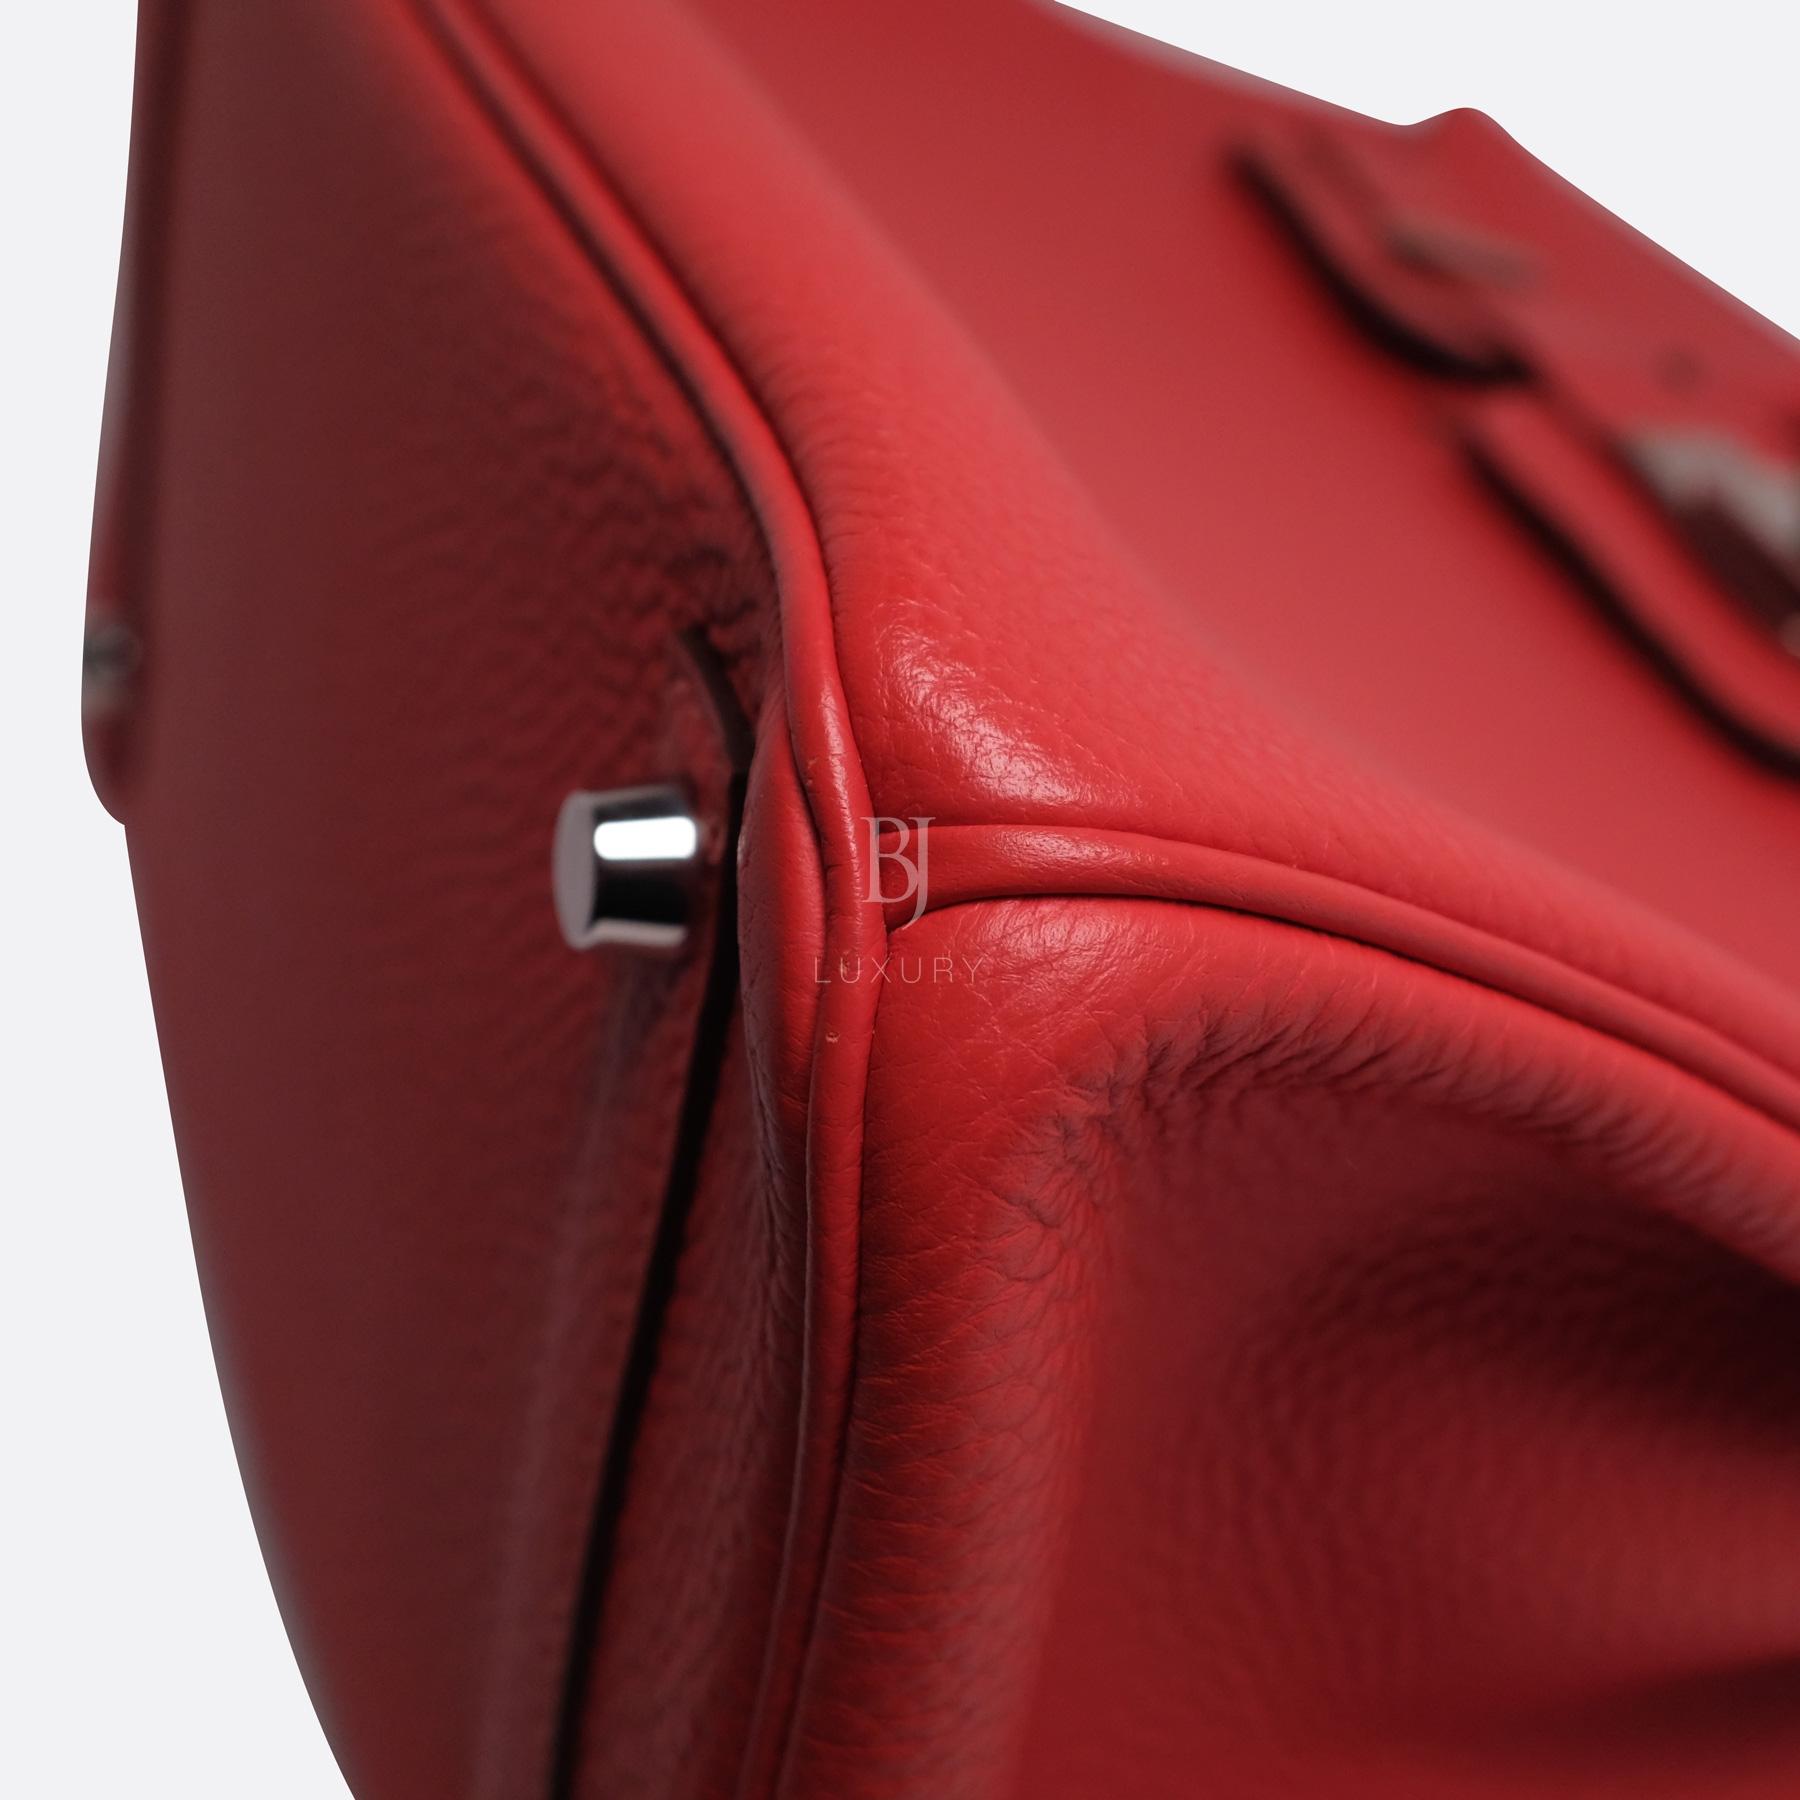 Hermes Birkin 30 Rougue Pivoine Togo Palladium BJ Luxury 17.jpg